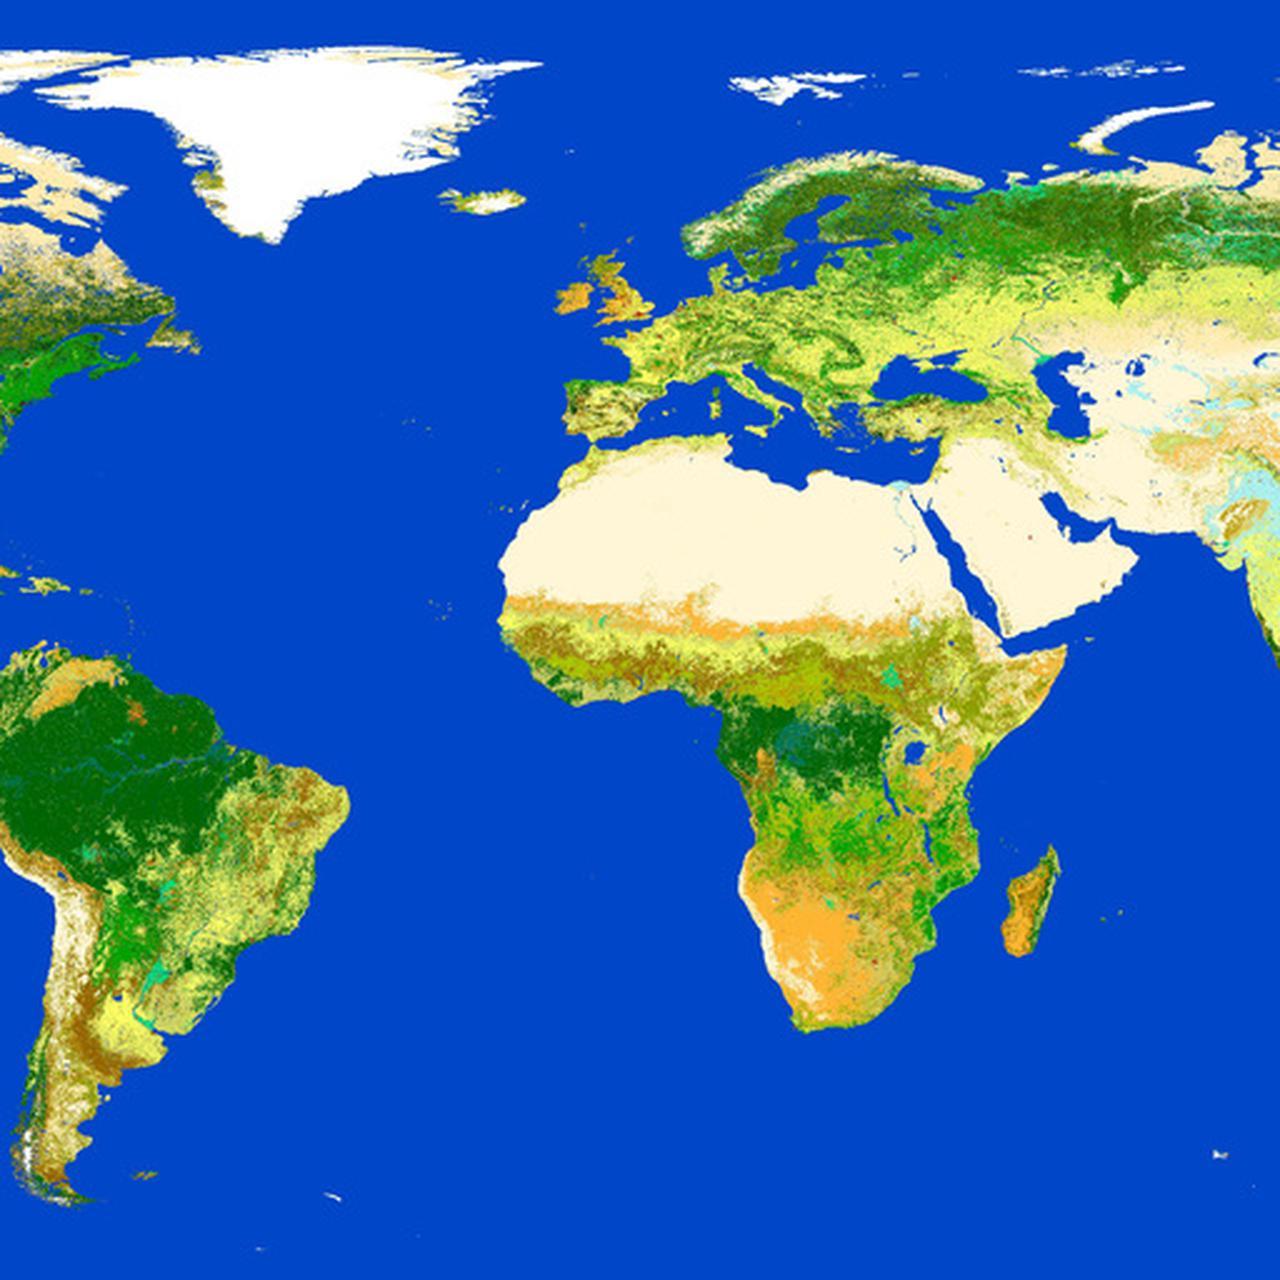 Powstała niezwykle dokładna mapa Ziemi - TVN24